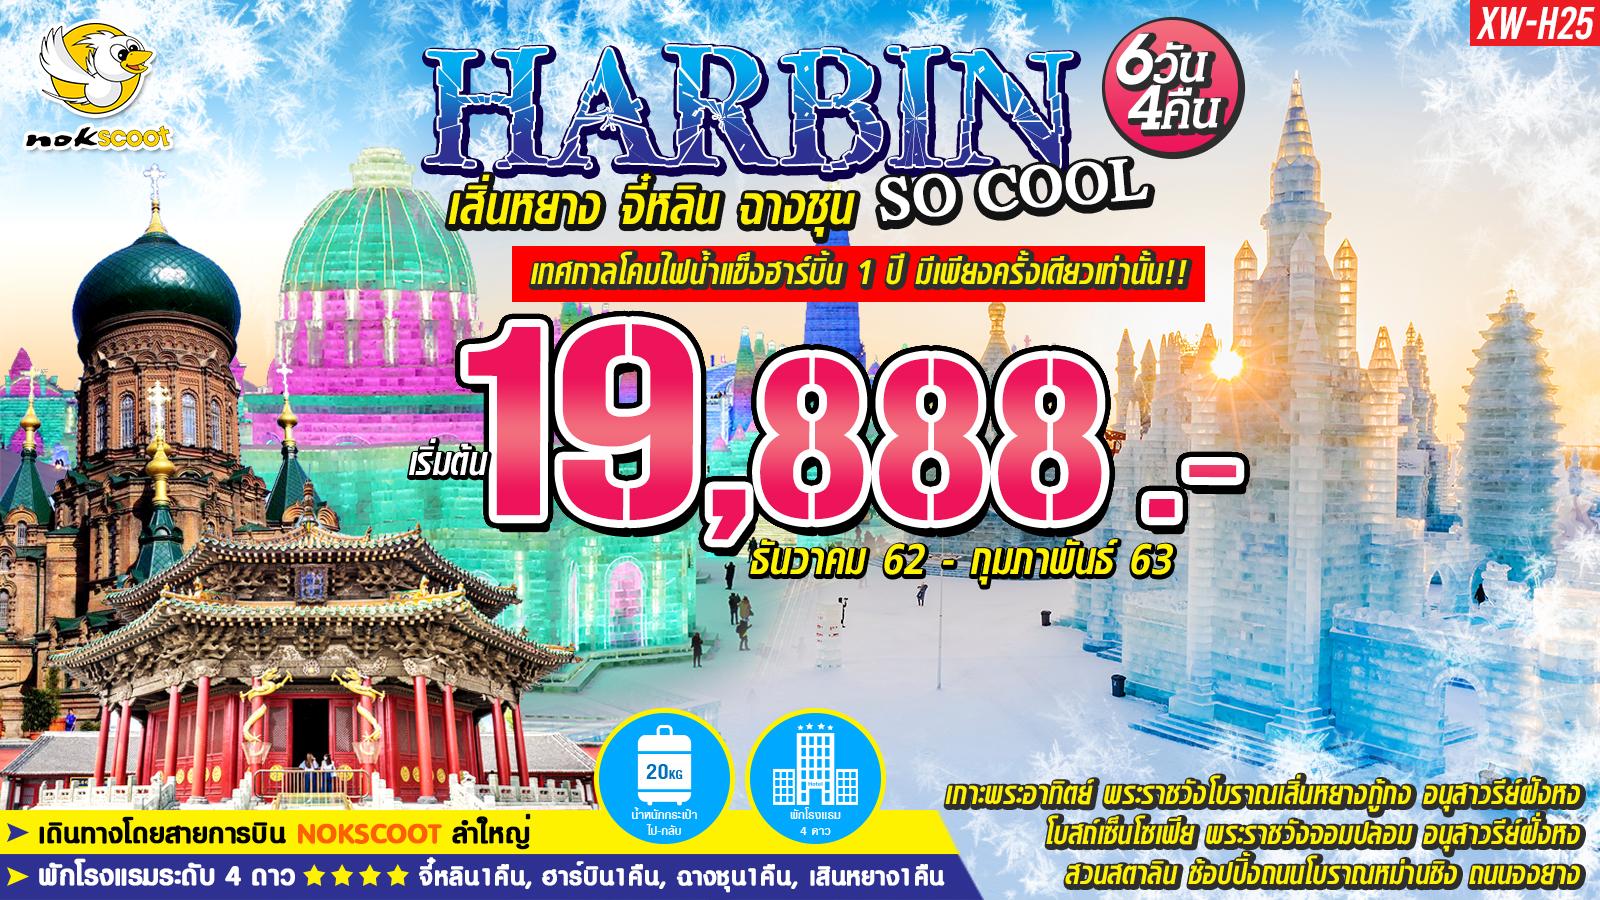 ทัวร์จีน-HARBIN-SO-COOL-เสิ่นหยาง-จี๋หลิน-ฉางชุน-6วัน4คืน-(JAN-FEB20)(XW-H25)